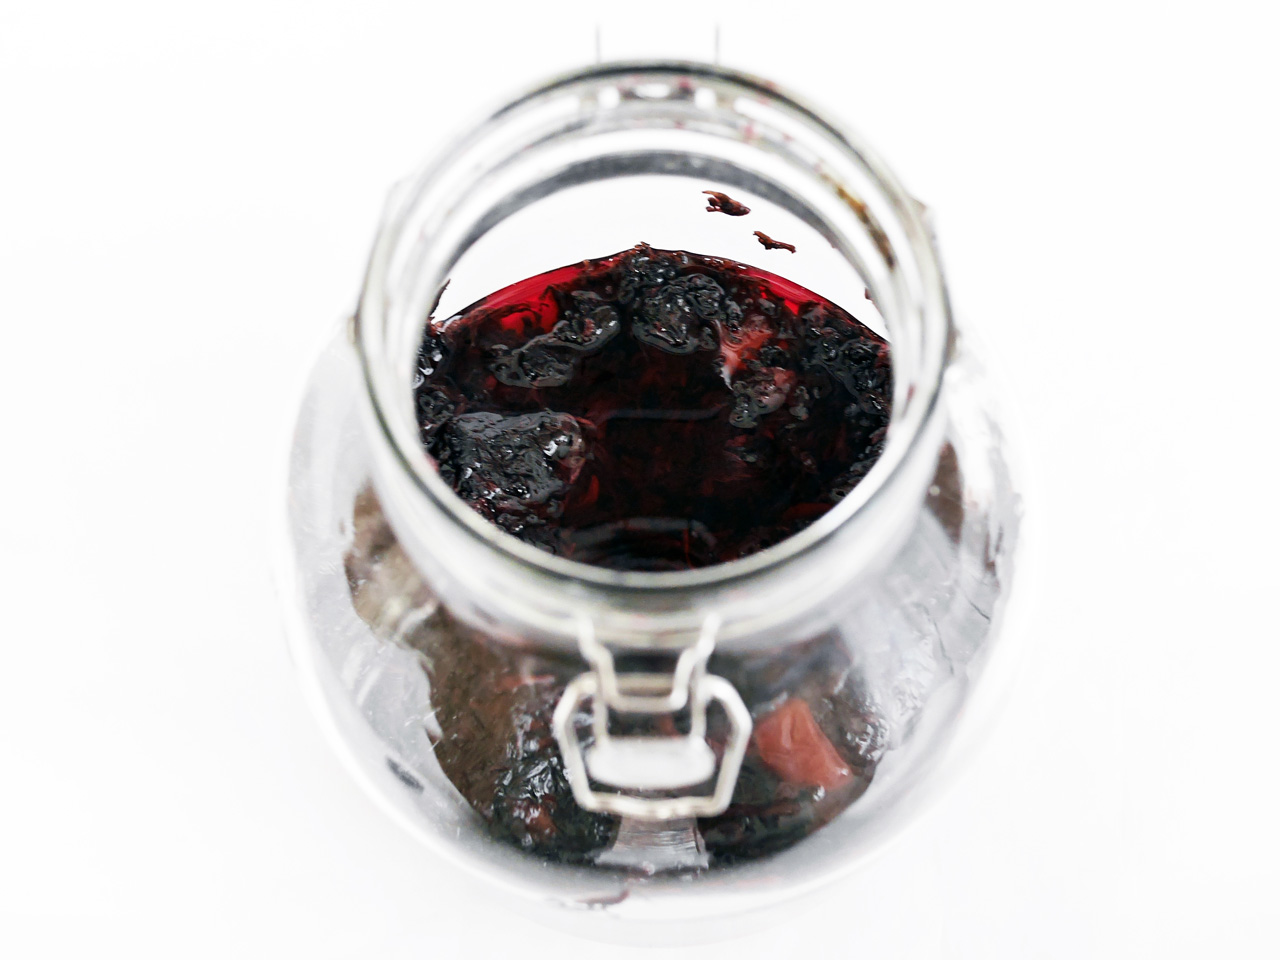 梅を漬けている密封ビンから重石のビニール袋を取り出す